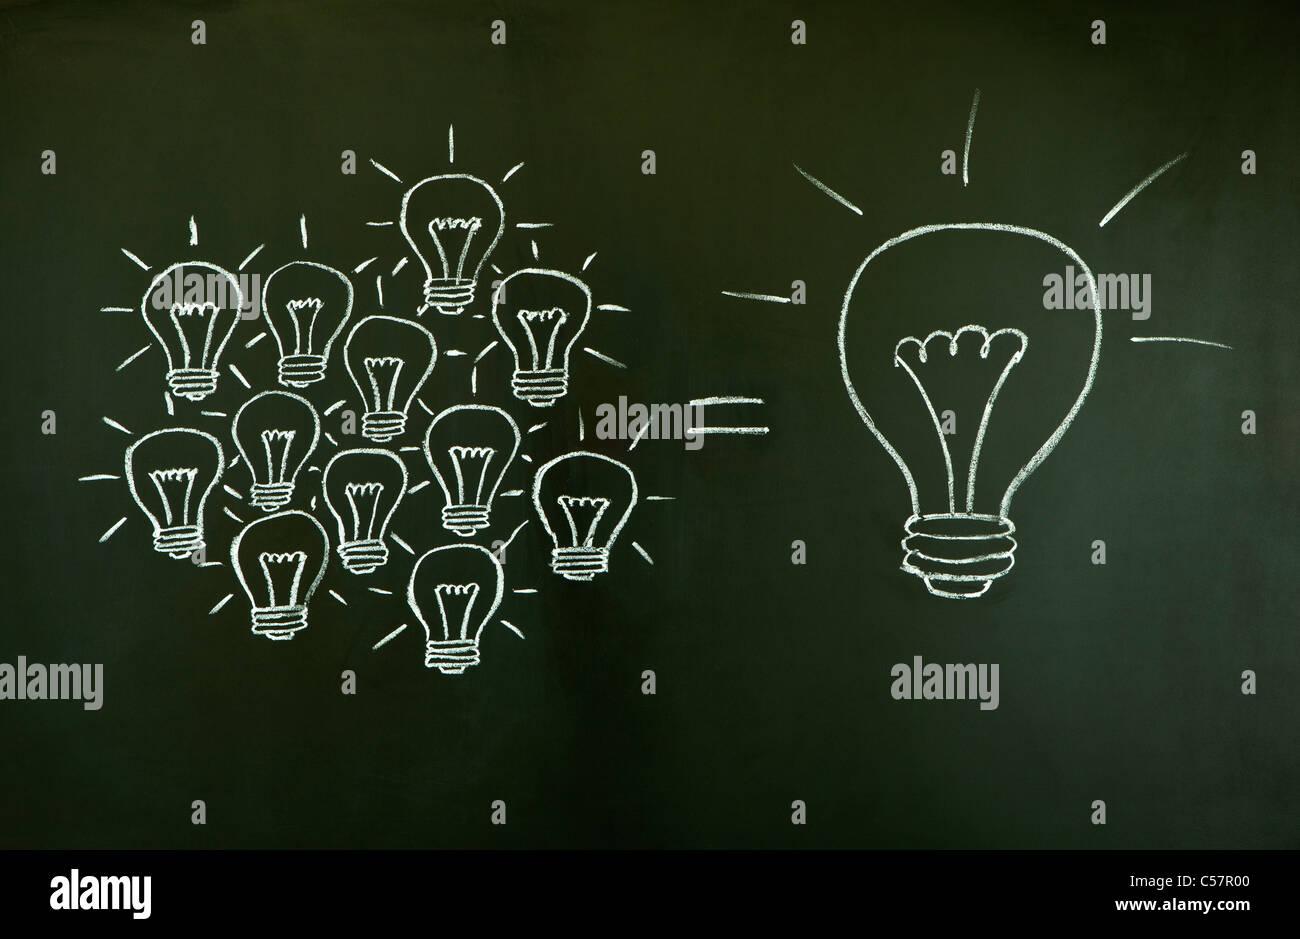 Molte piccole idee uguale uno grande, illustrata con un gessetto disegnate le lampadine della luce su una lavagna. Foto Stock